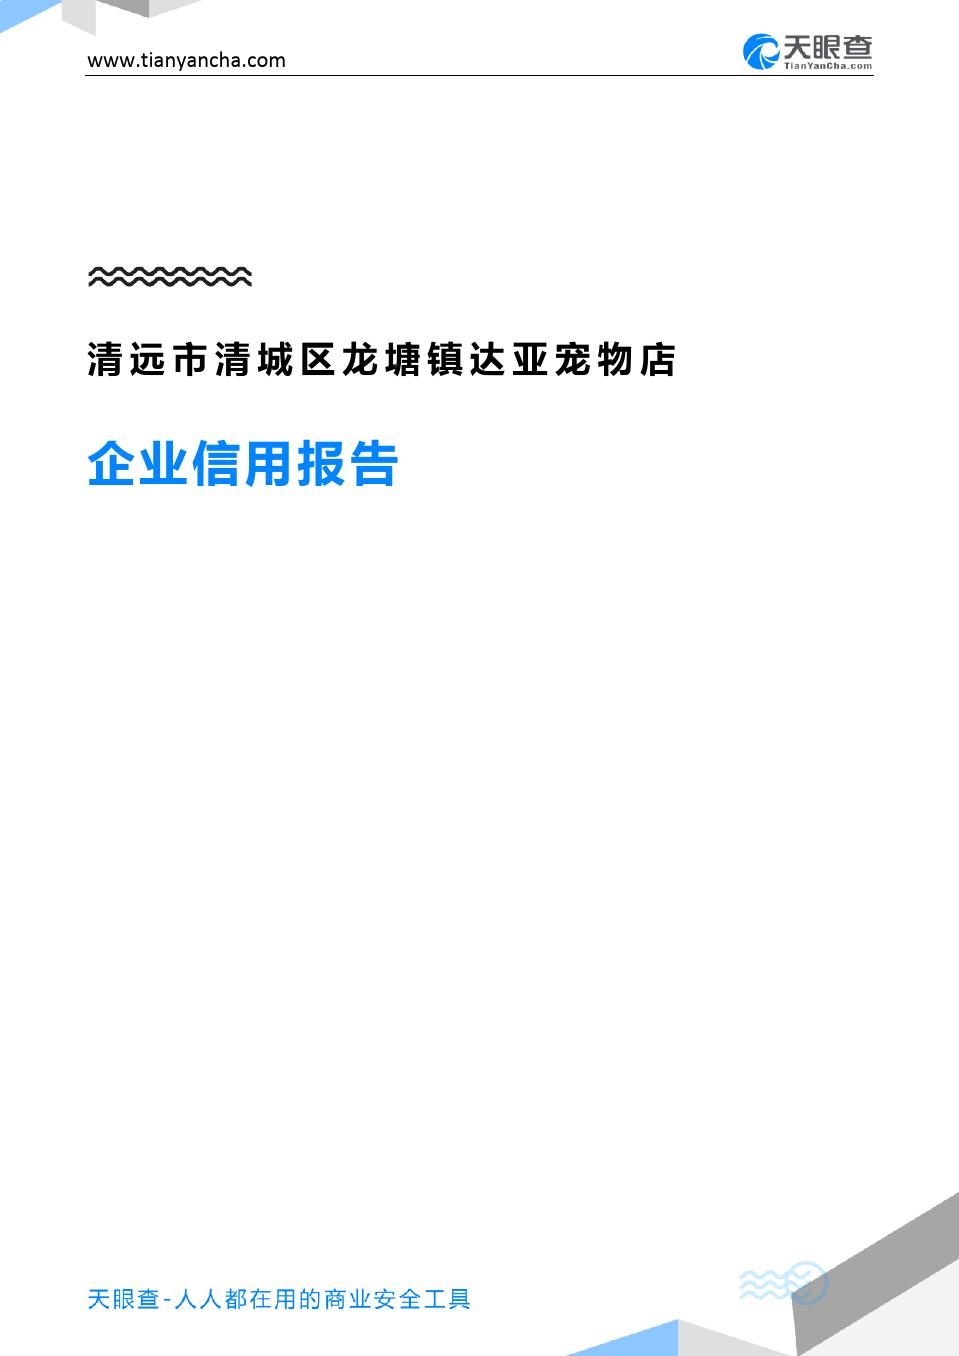 清遠市清城區龍塘鎮達亞寵物店(企業信用報告)- 天眼查